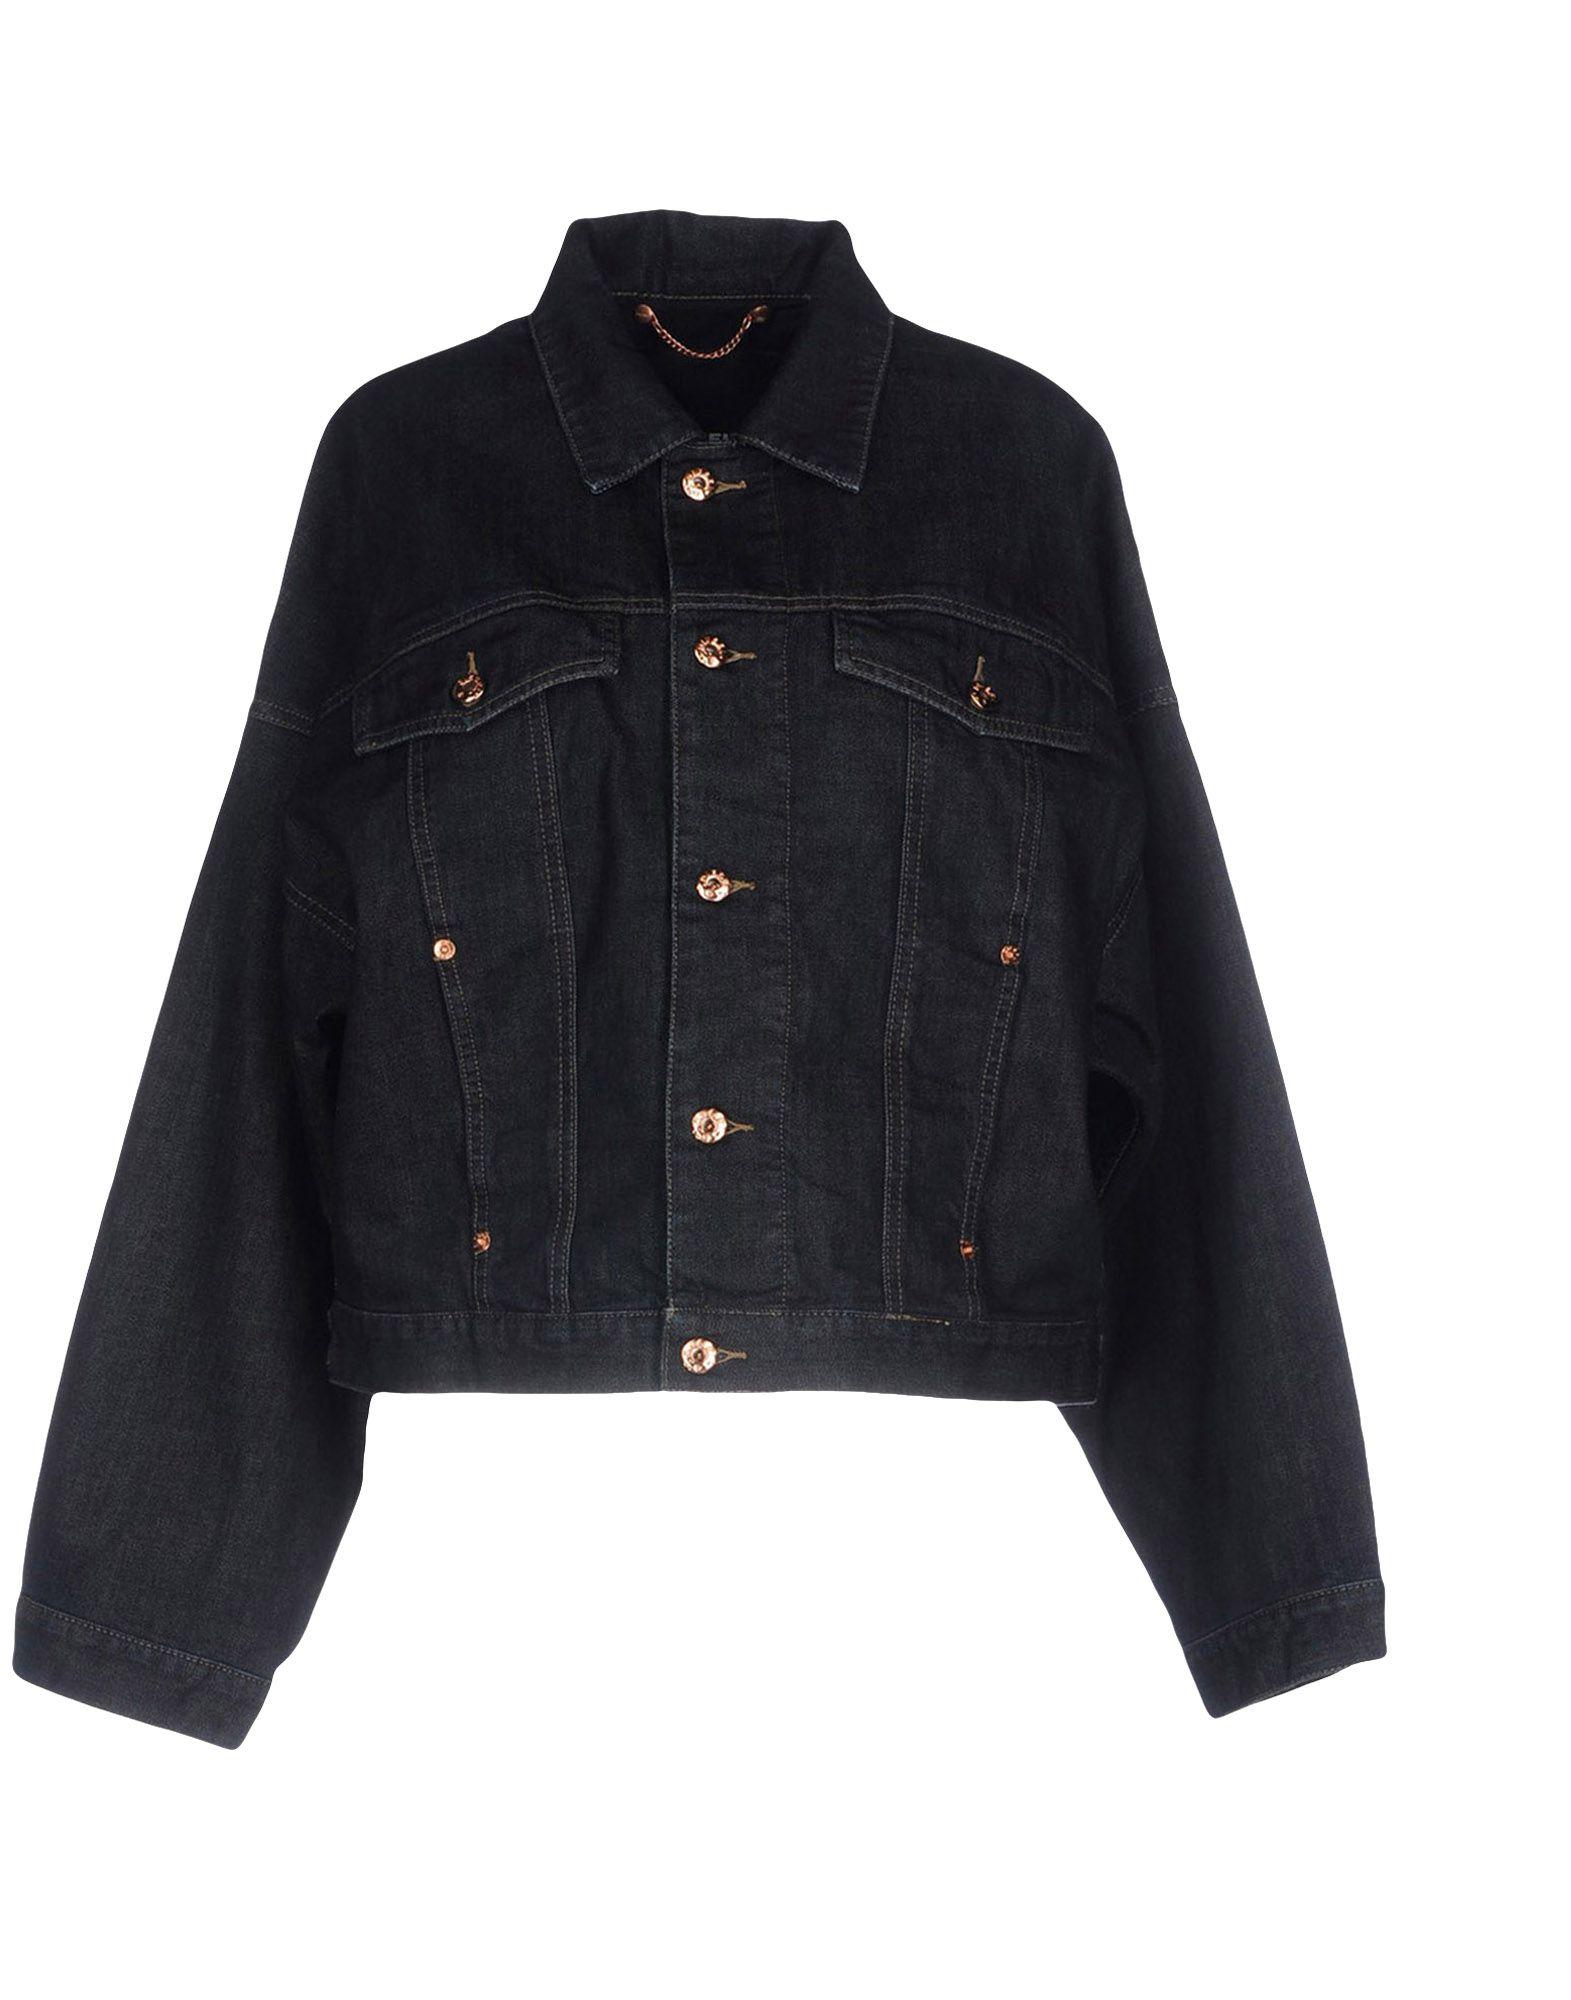 Giubbotto Jeans Diesel Donna - Acquista online su IELANh7A